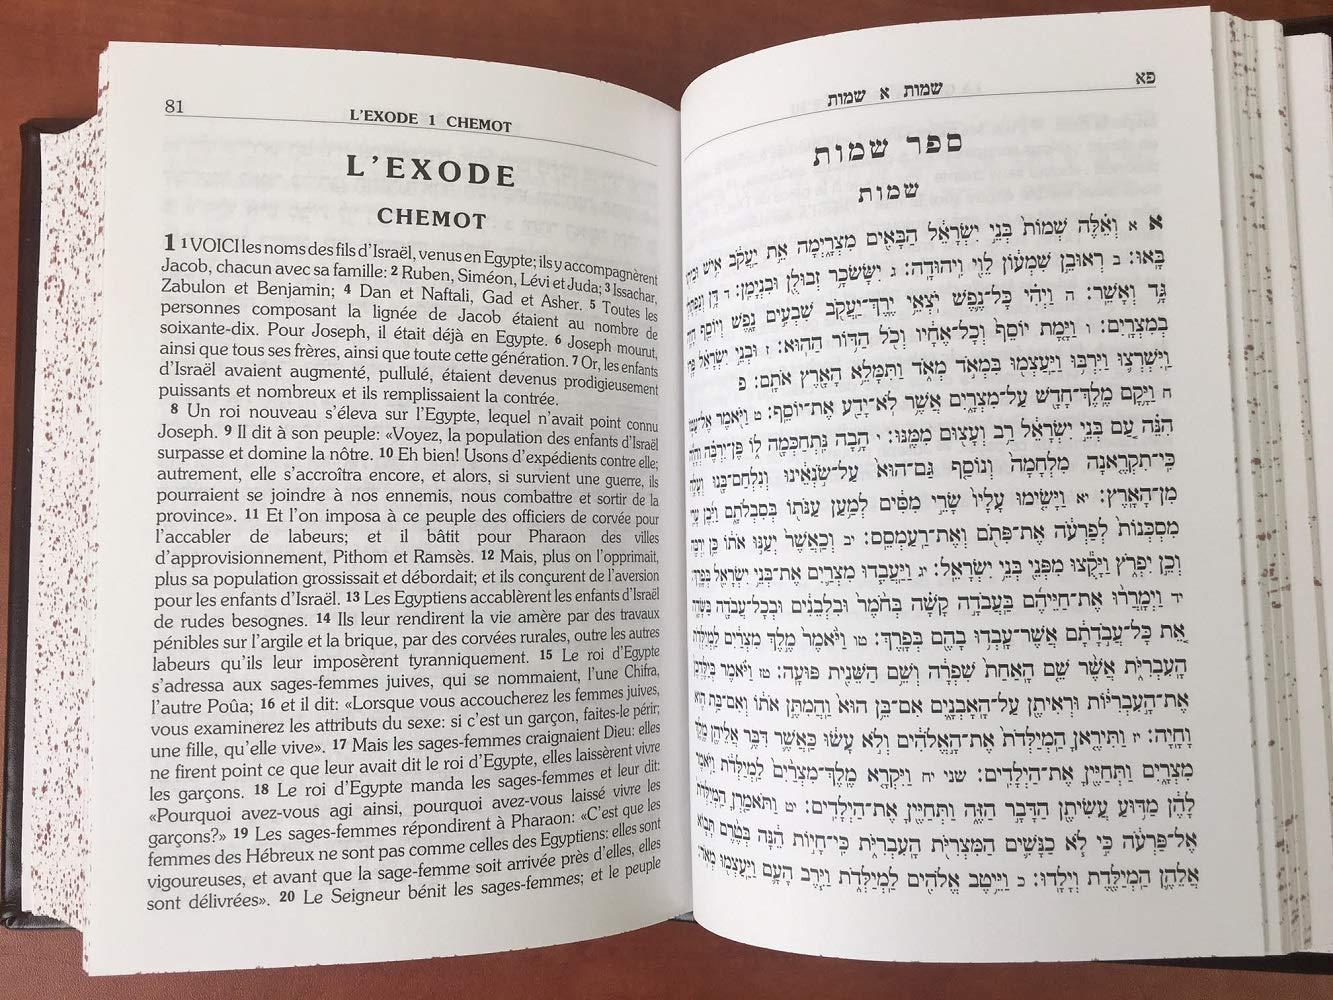 Torah hebreu french français pentateuque la bible hébraique